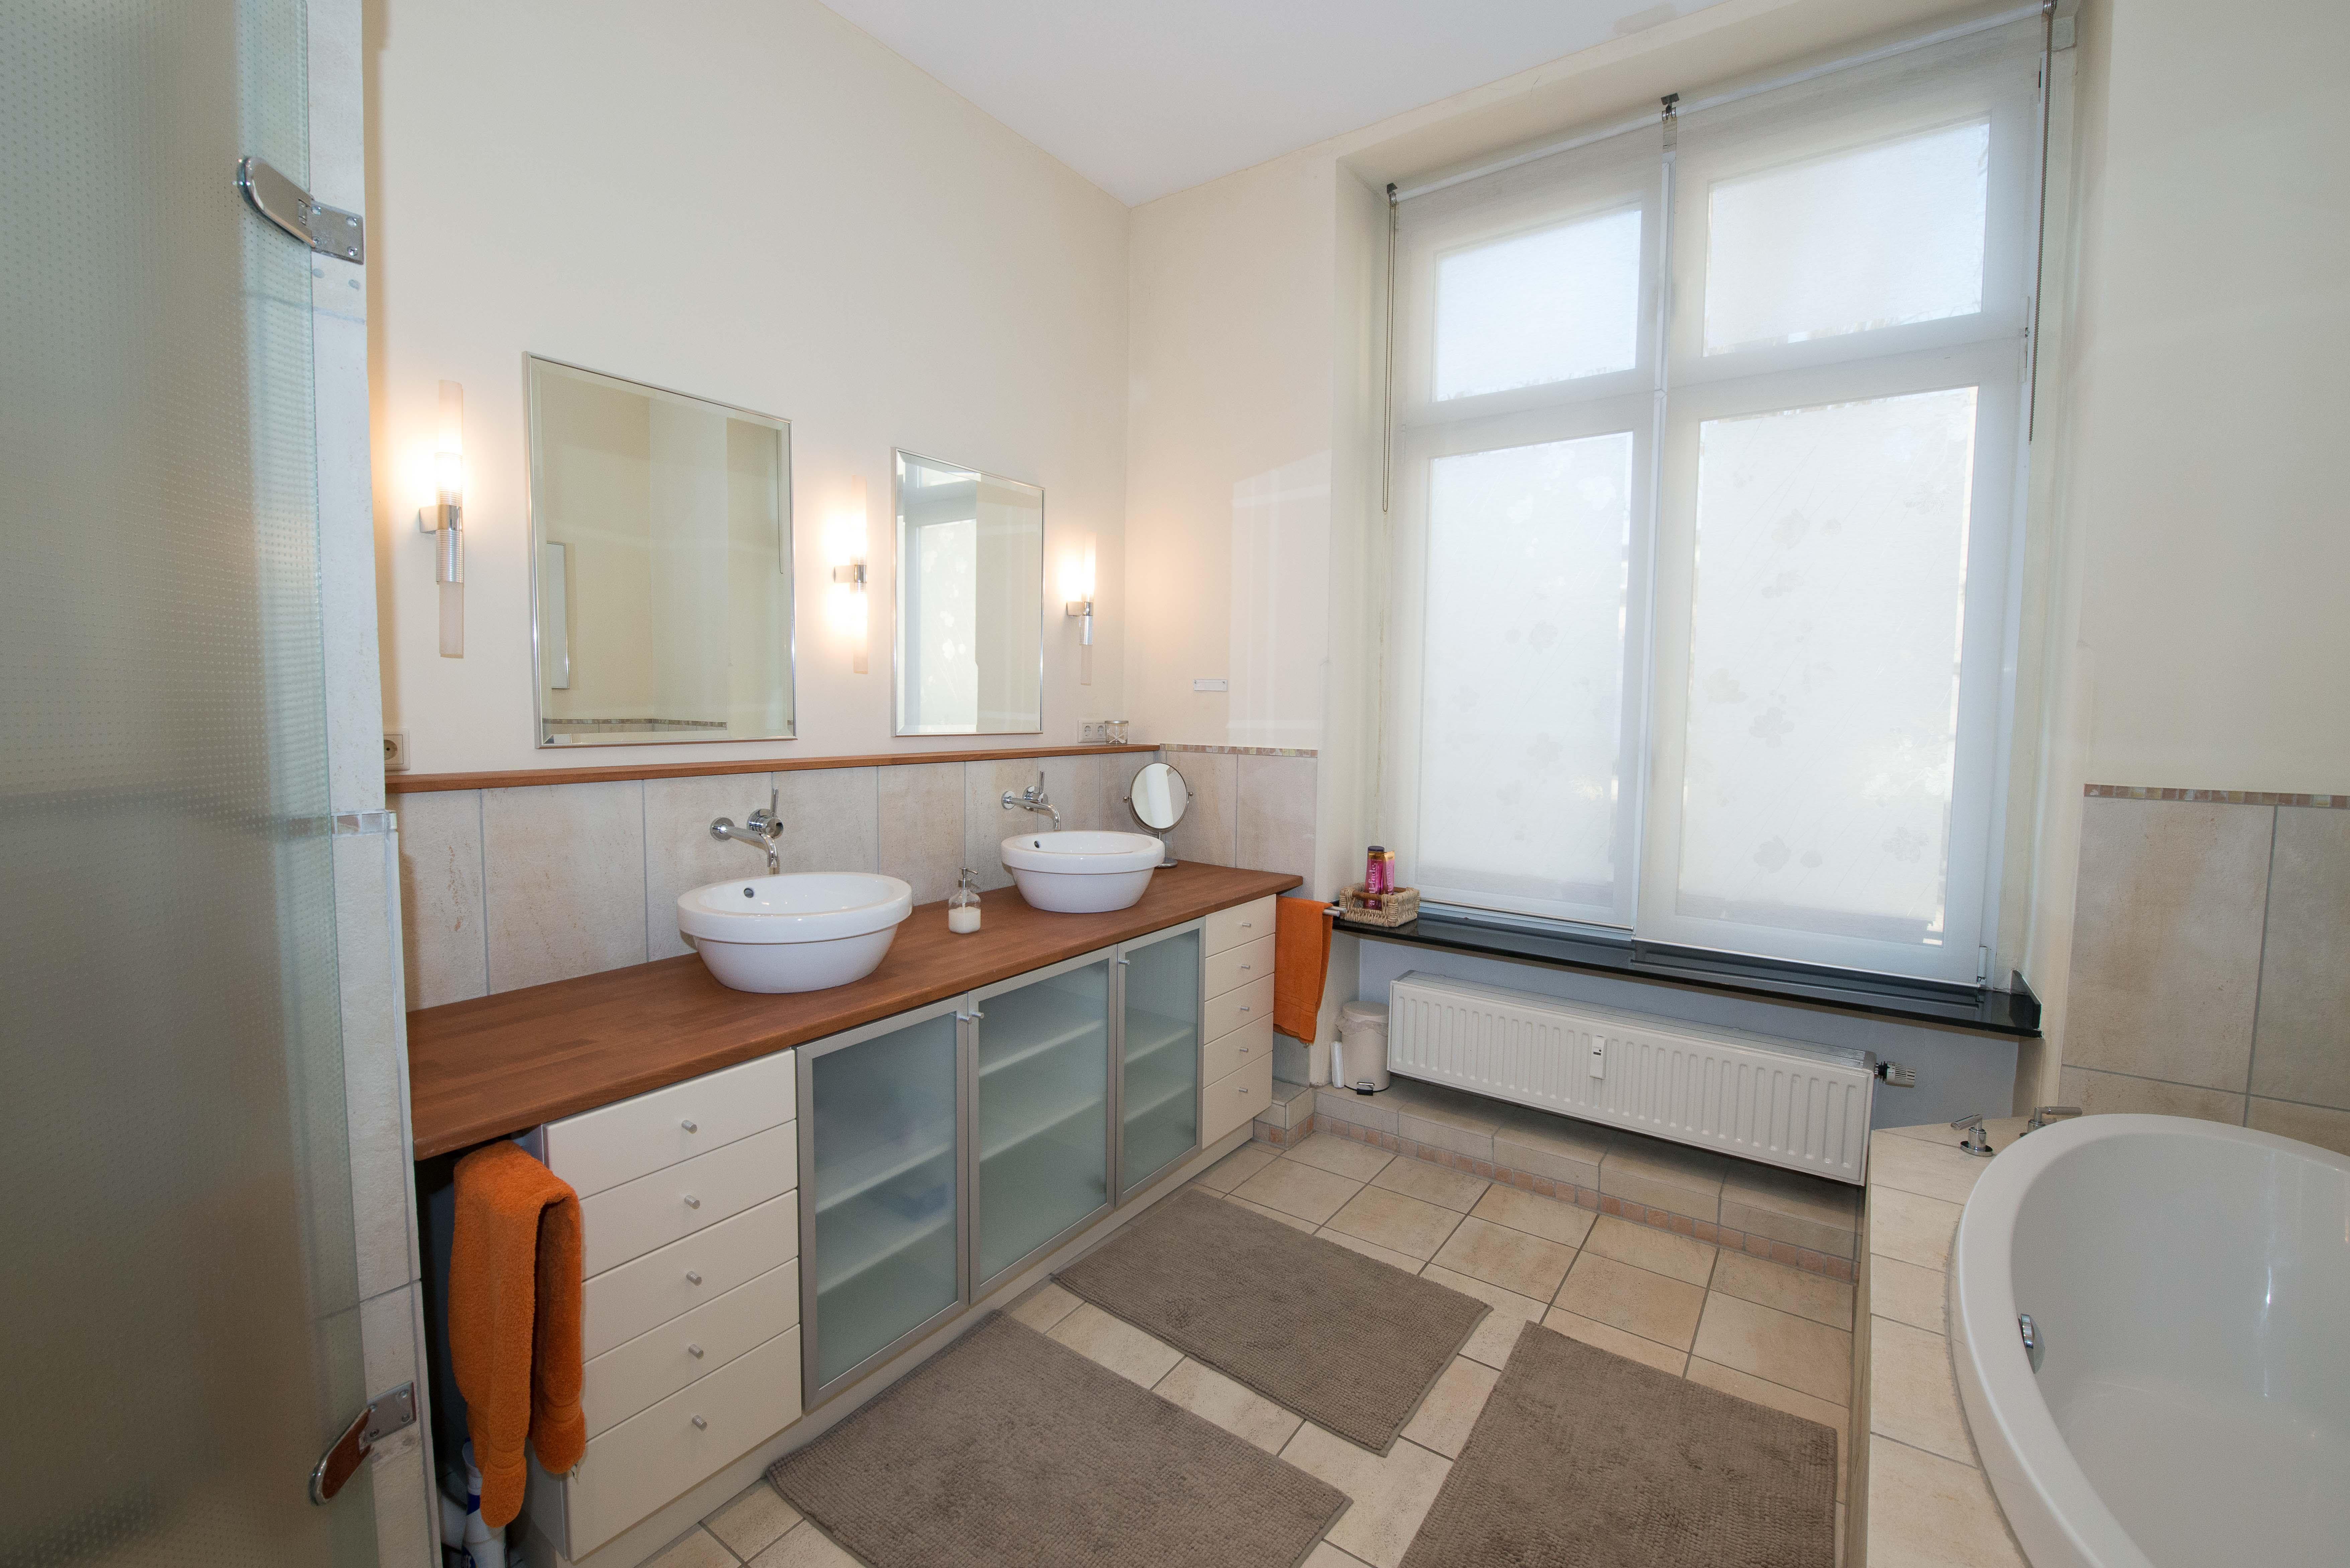 Exklusives Wohnen im Stadtzentrum!  Komfortable Altbauwohnung mit Stuck, hohen Decken und Terrasse!